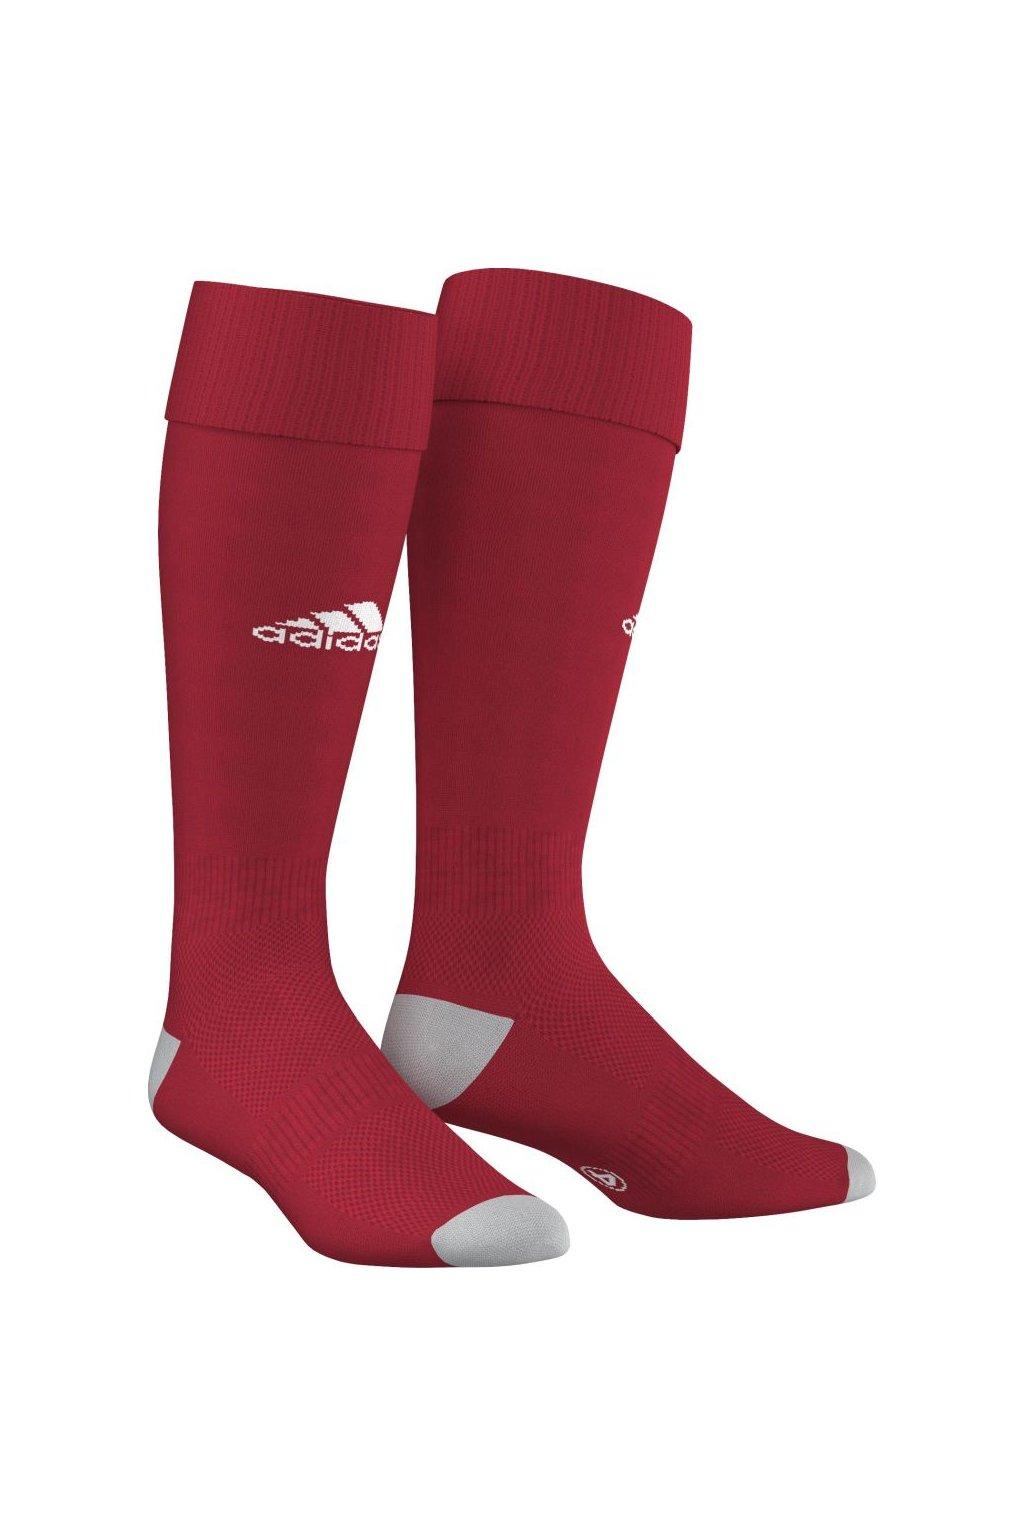 Futbalové ponožky Adidas Milano 16, červené AJ5906 / E19298